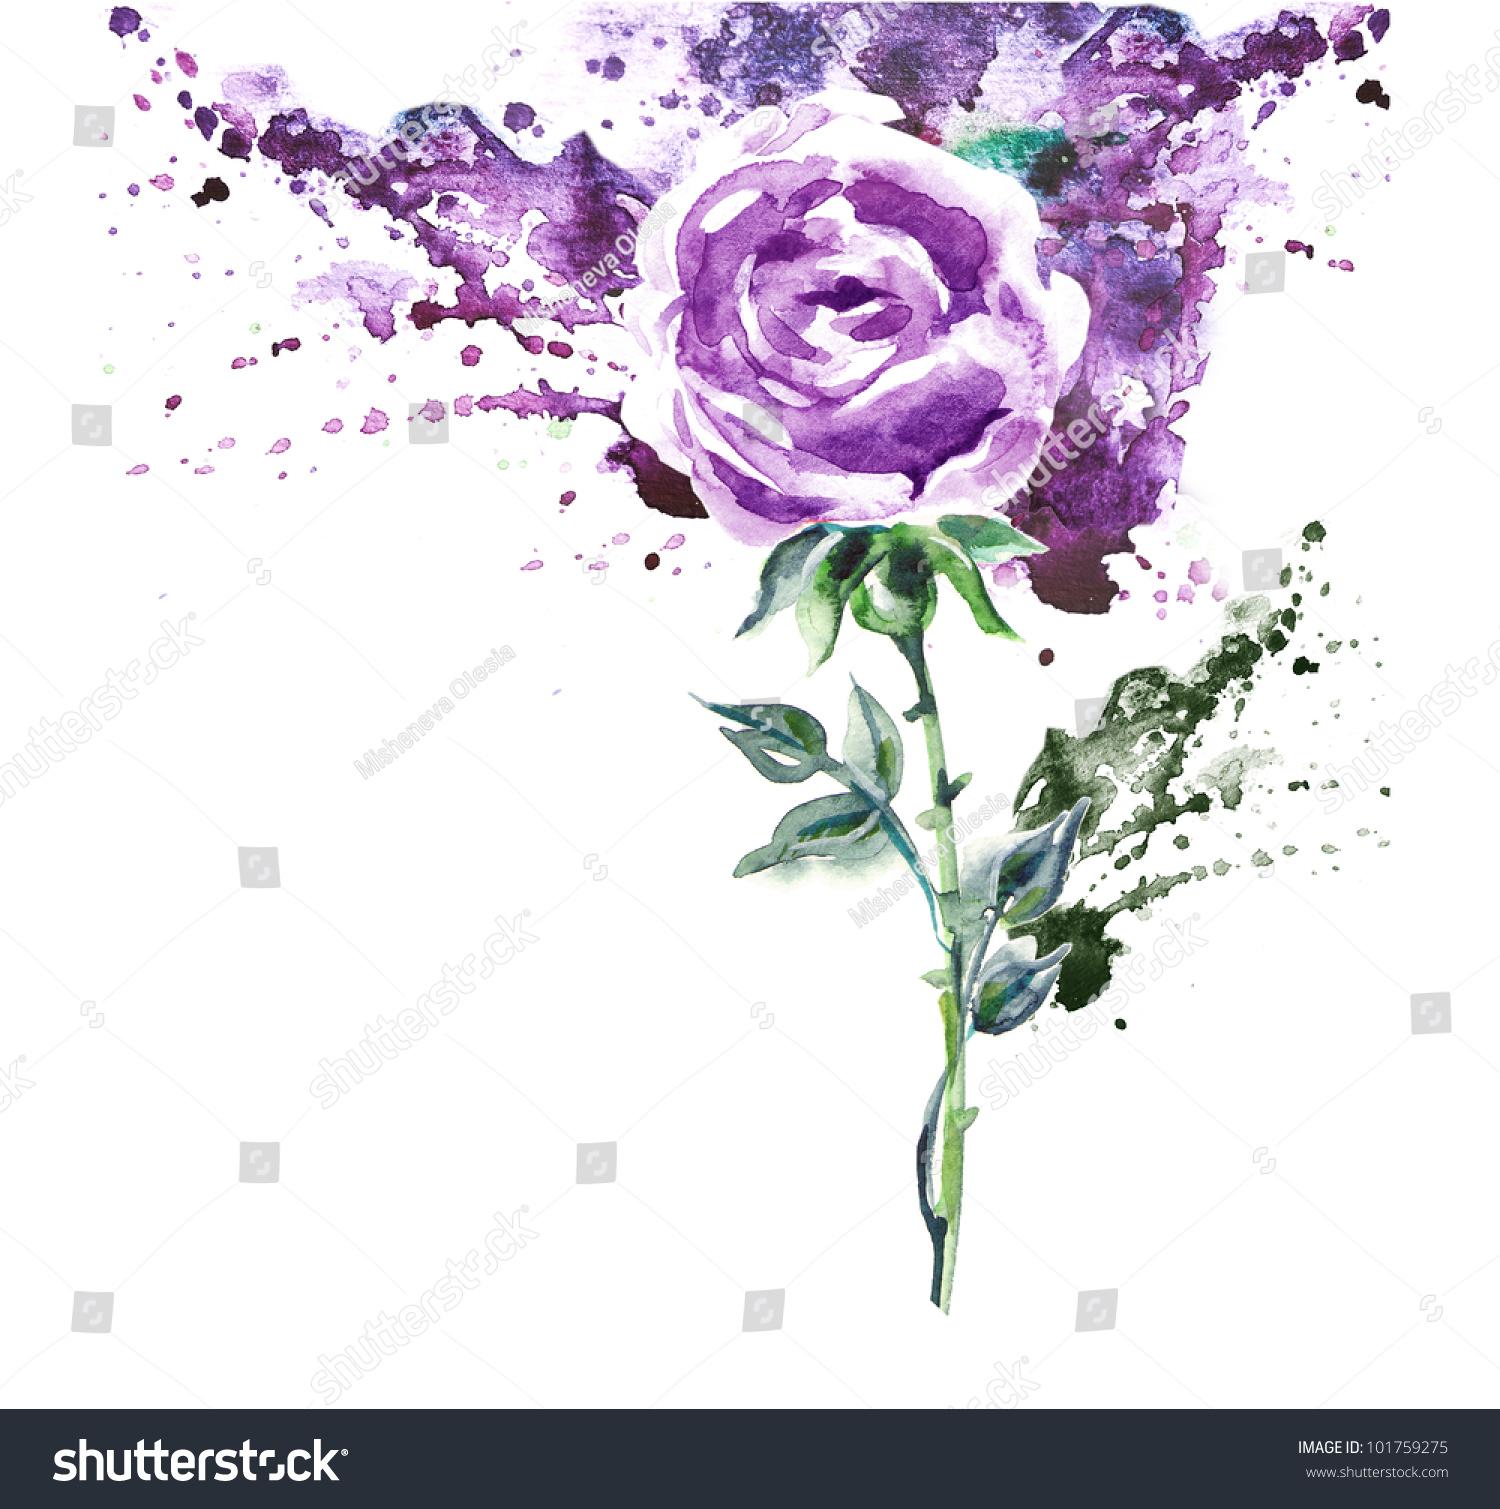 手绘紫玫瑰-背景/素材,抽象-海洛创意(hellorf)-中国